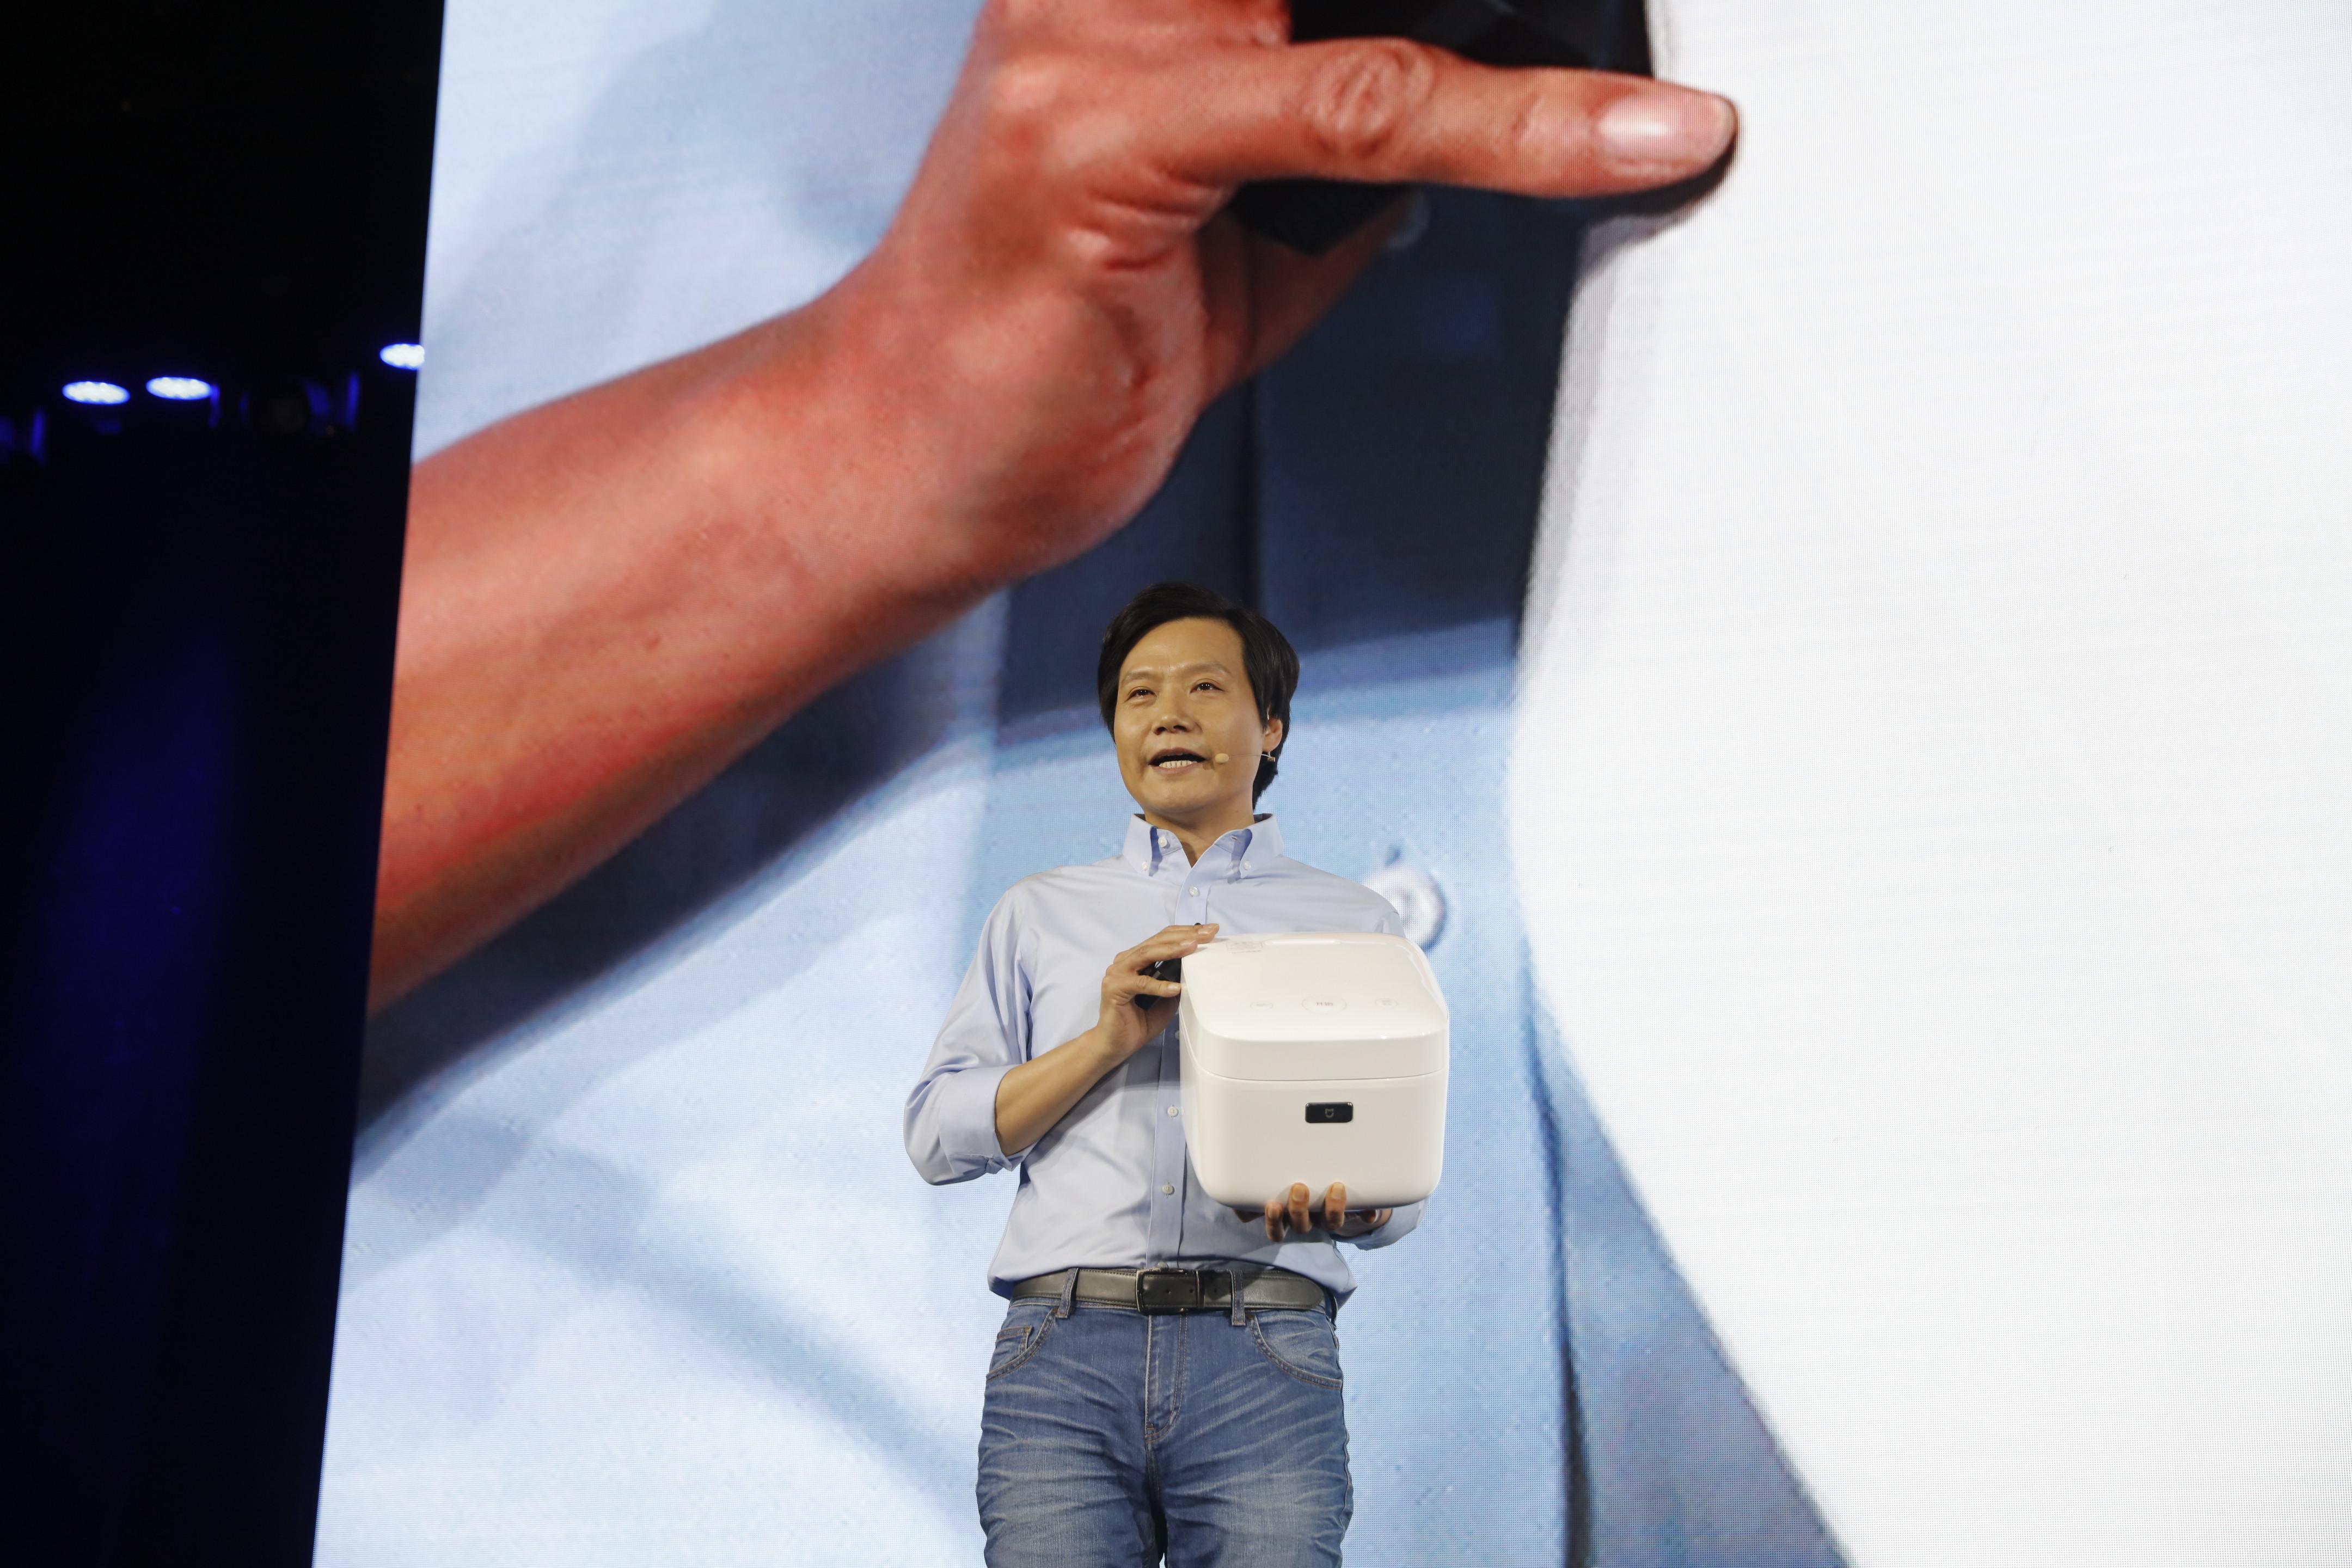 Samsung, shmamsung says Lei.